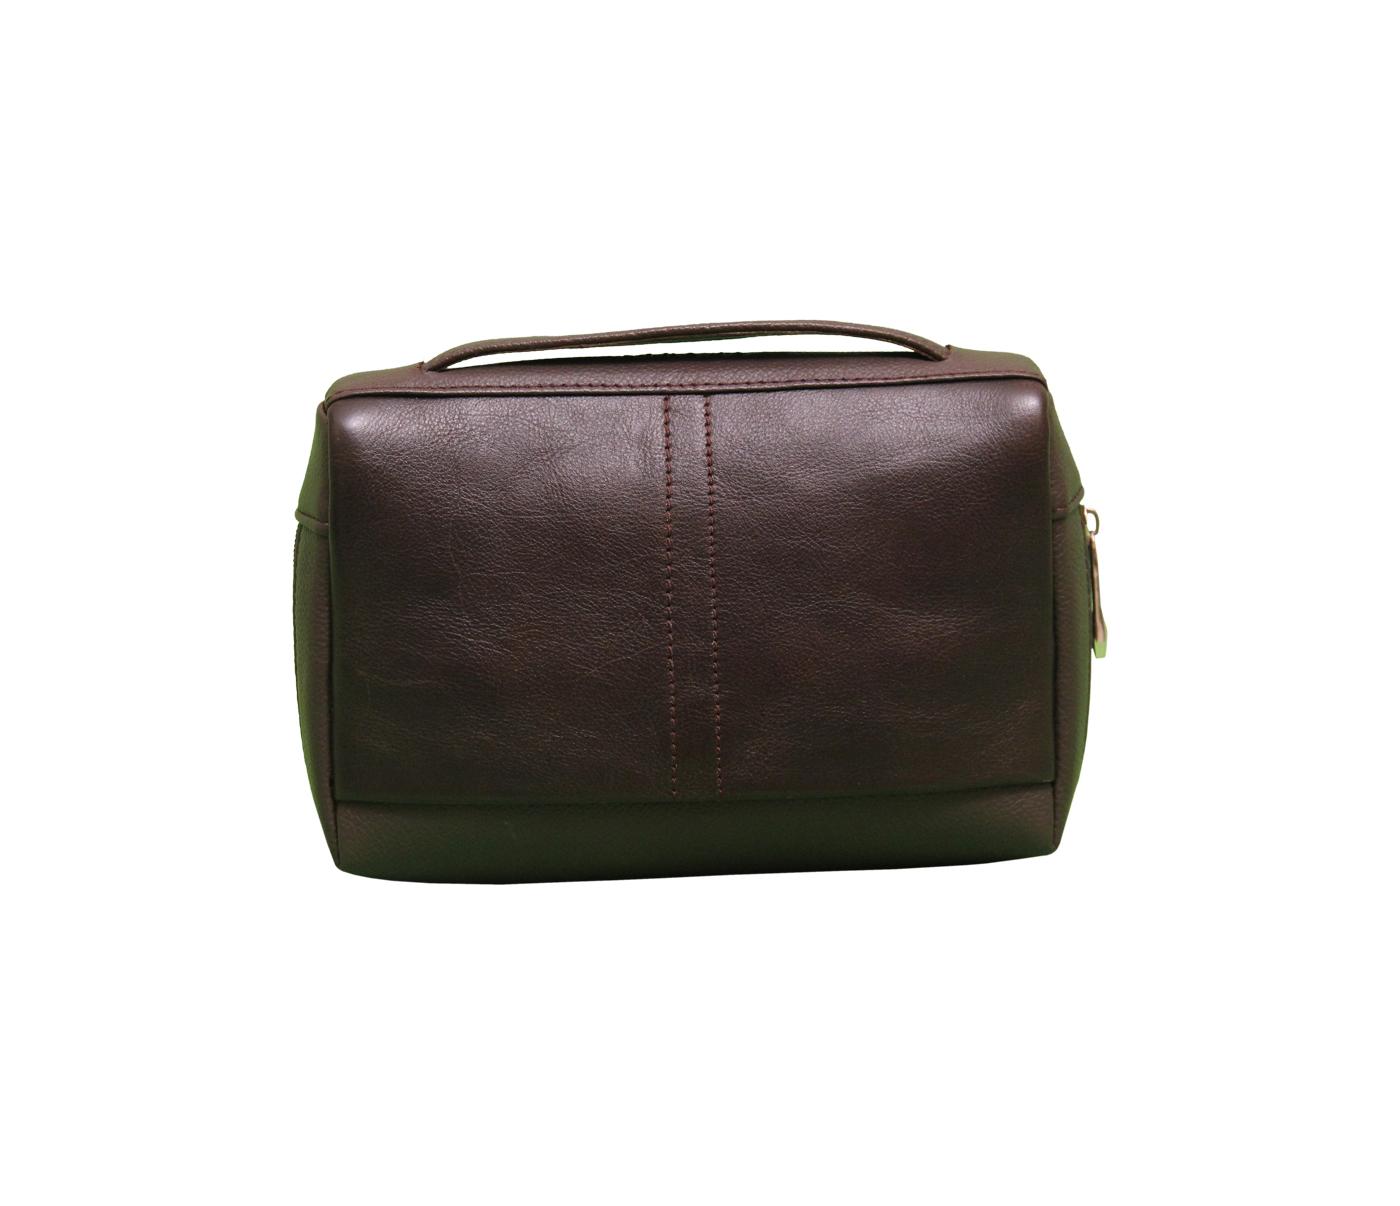 Bags - P21